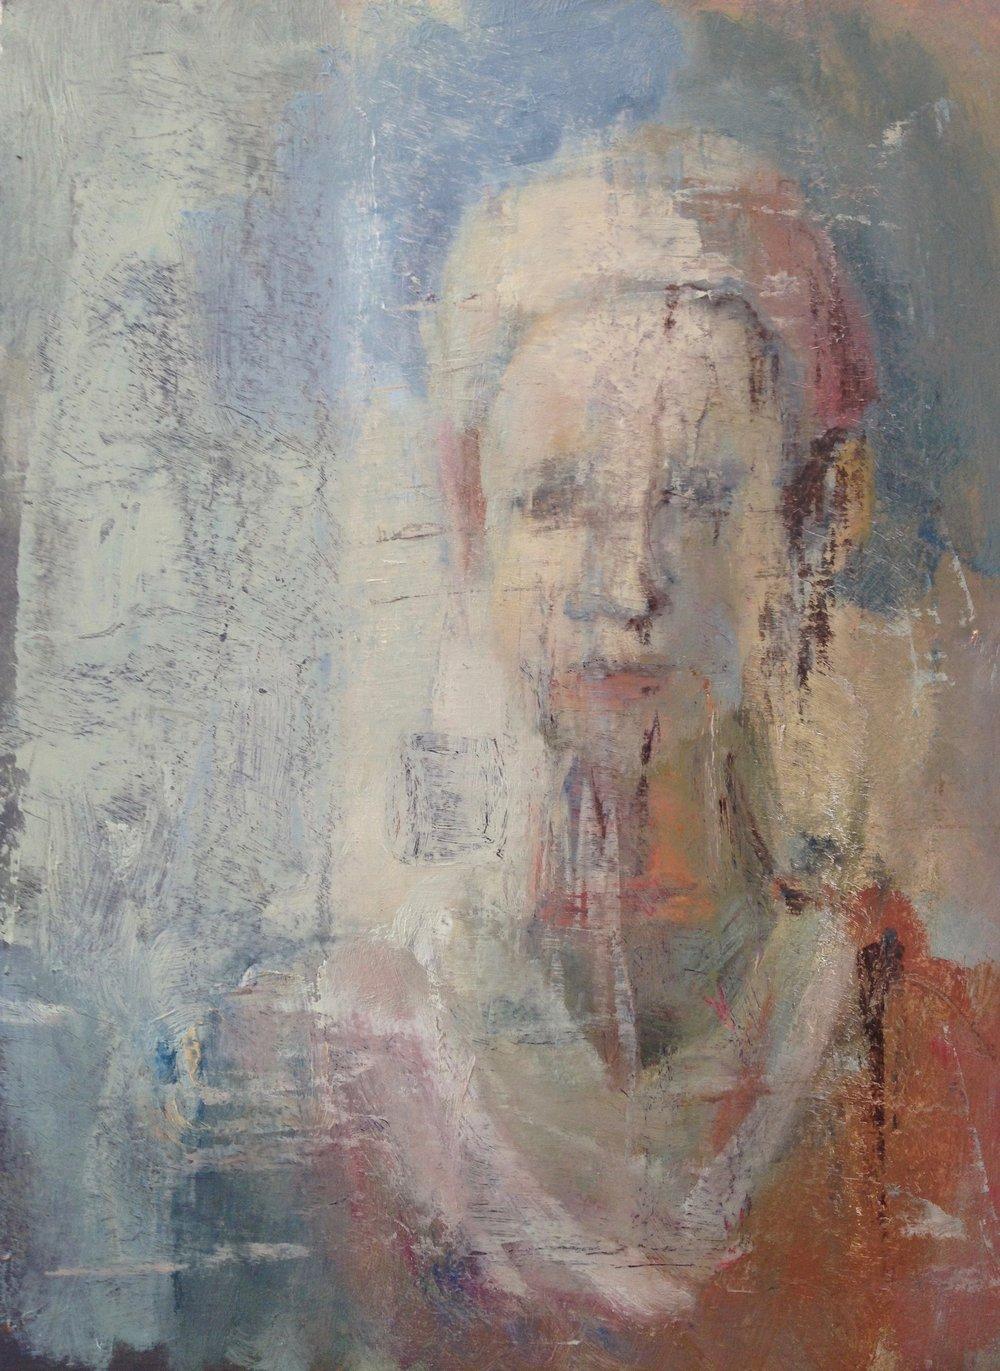 Woman Series 2